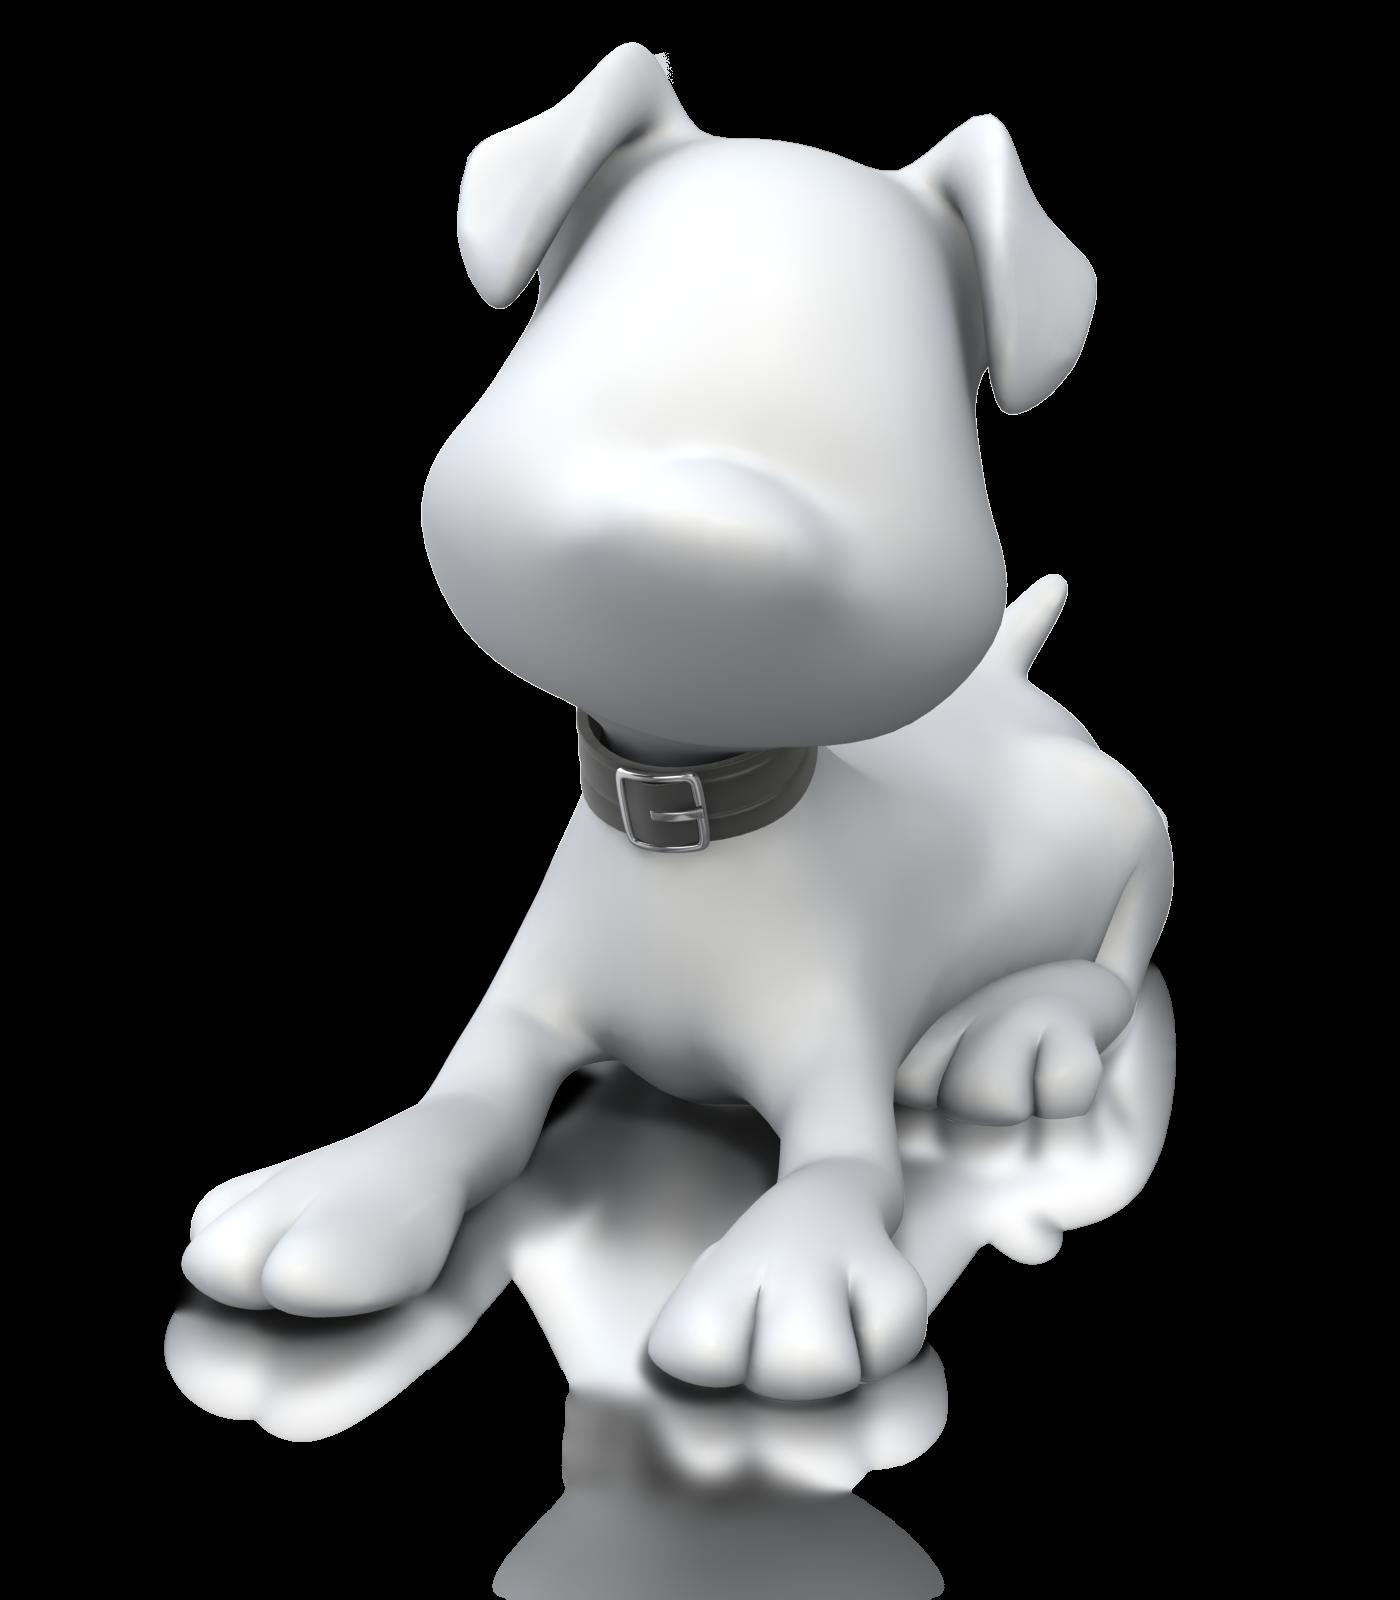 Barks Bonhomme Blanc Powerpoint Clip Art Allumette Entreprise De Toilettage Pour Visiter